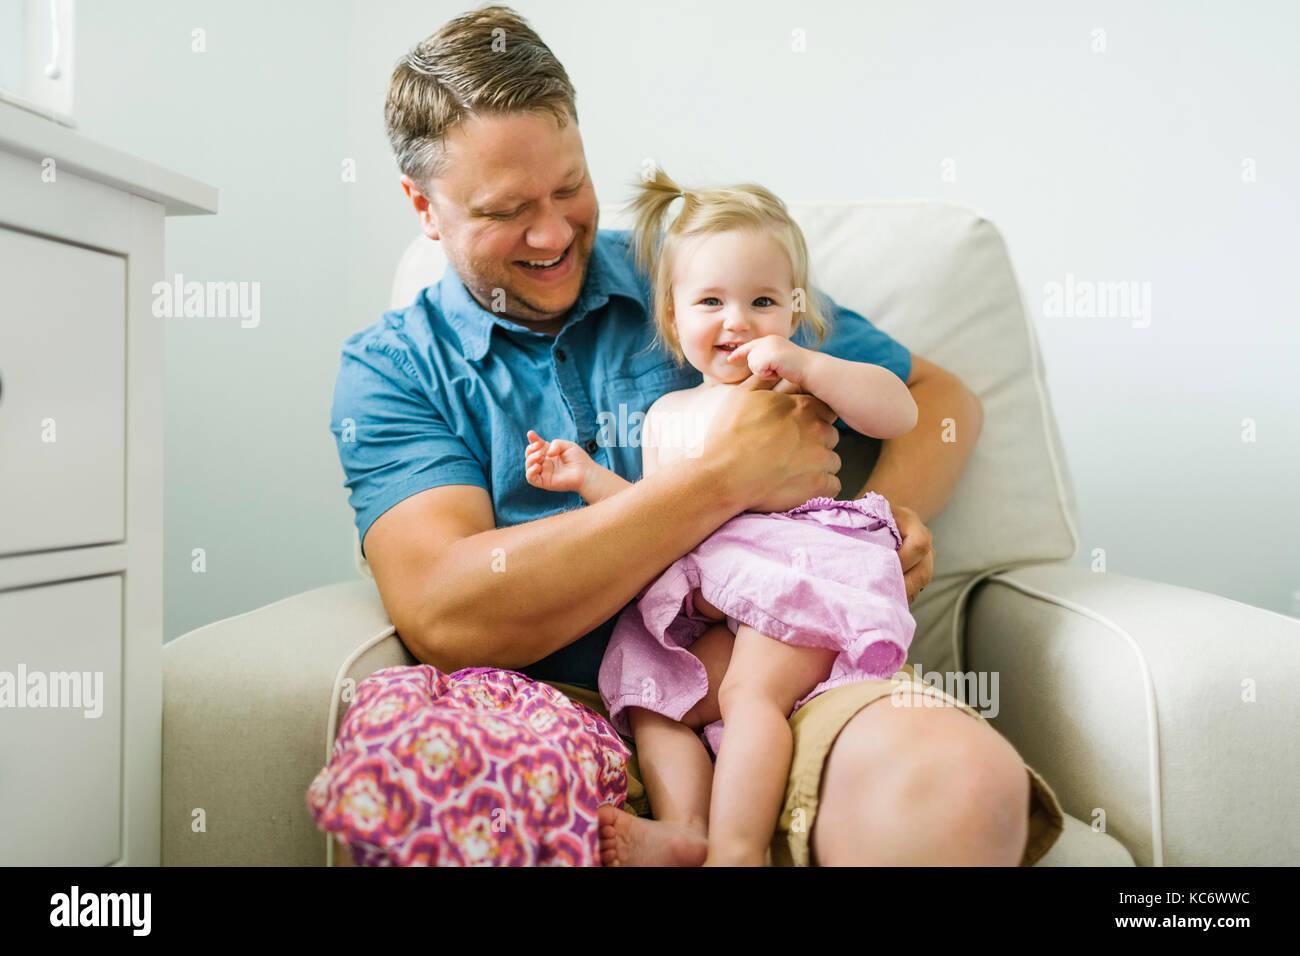 Vater mit baby girl (12-17 Monate) im Wohnzimmer sitzen Stockbild